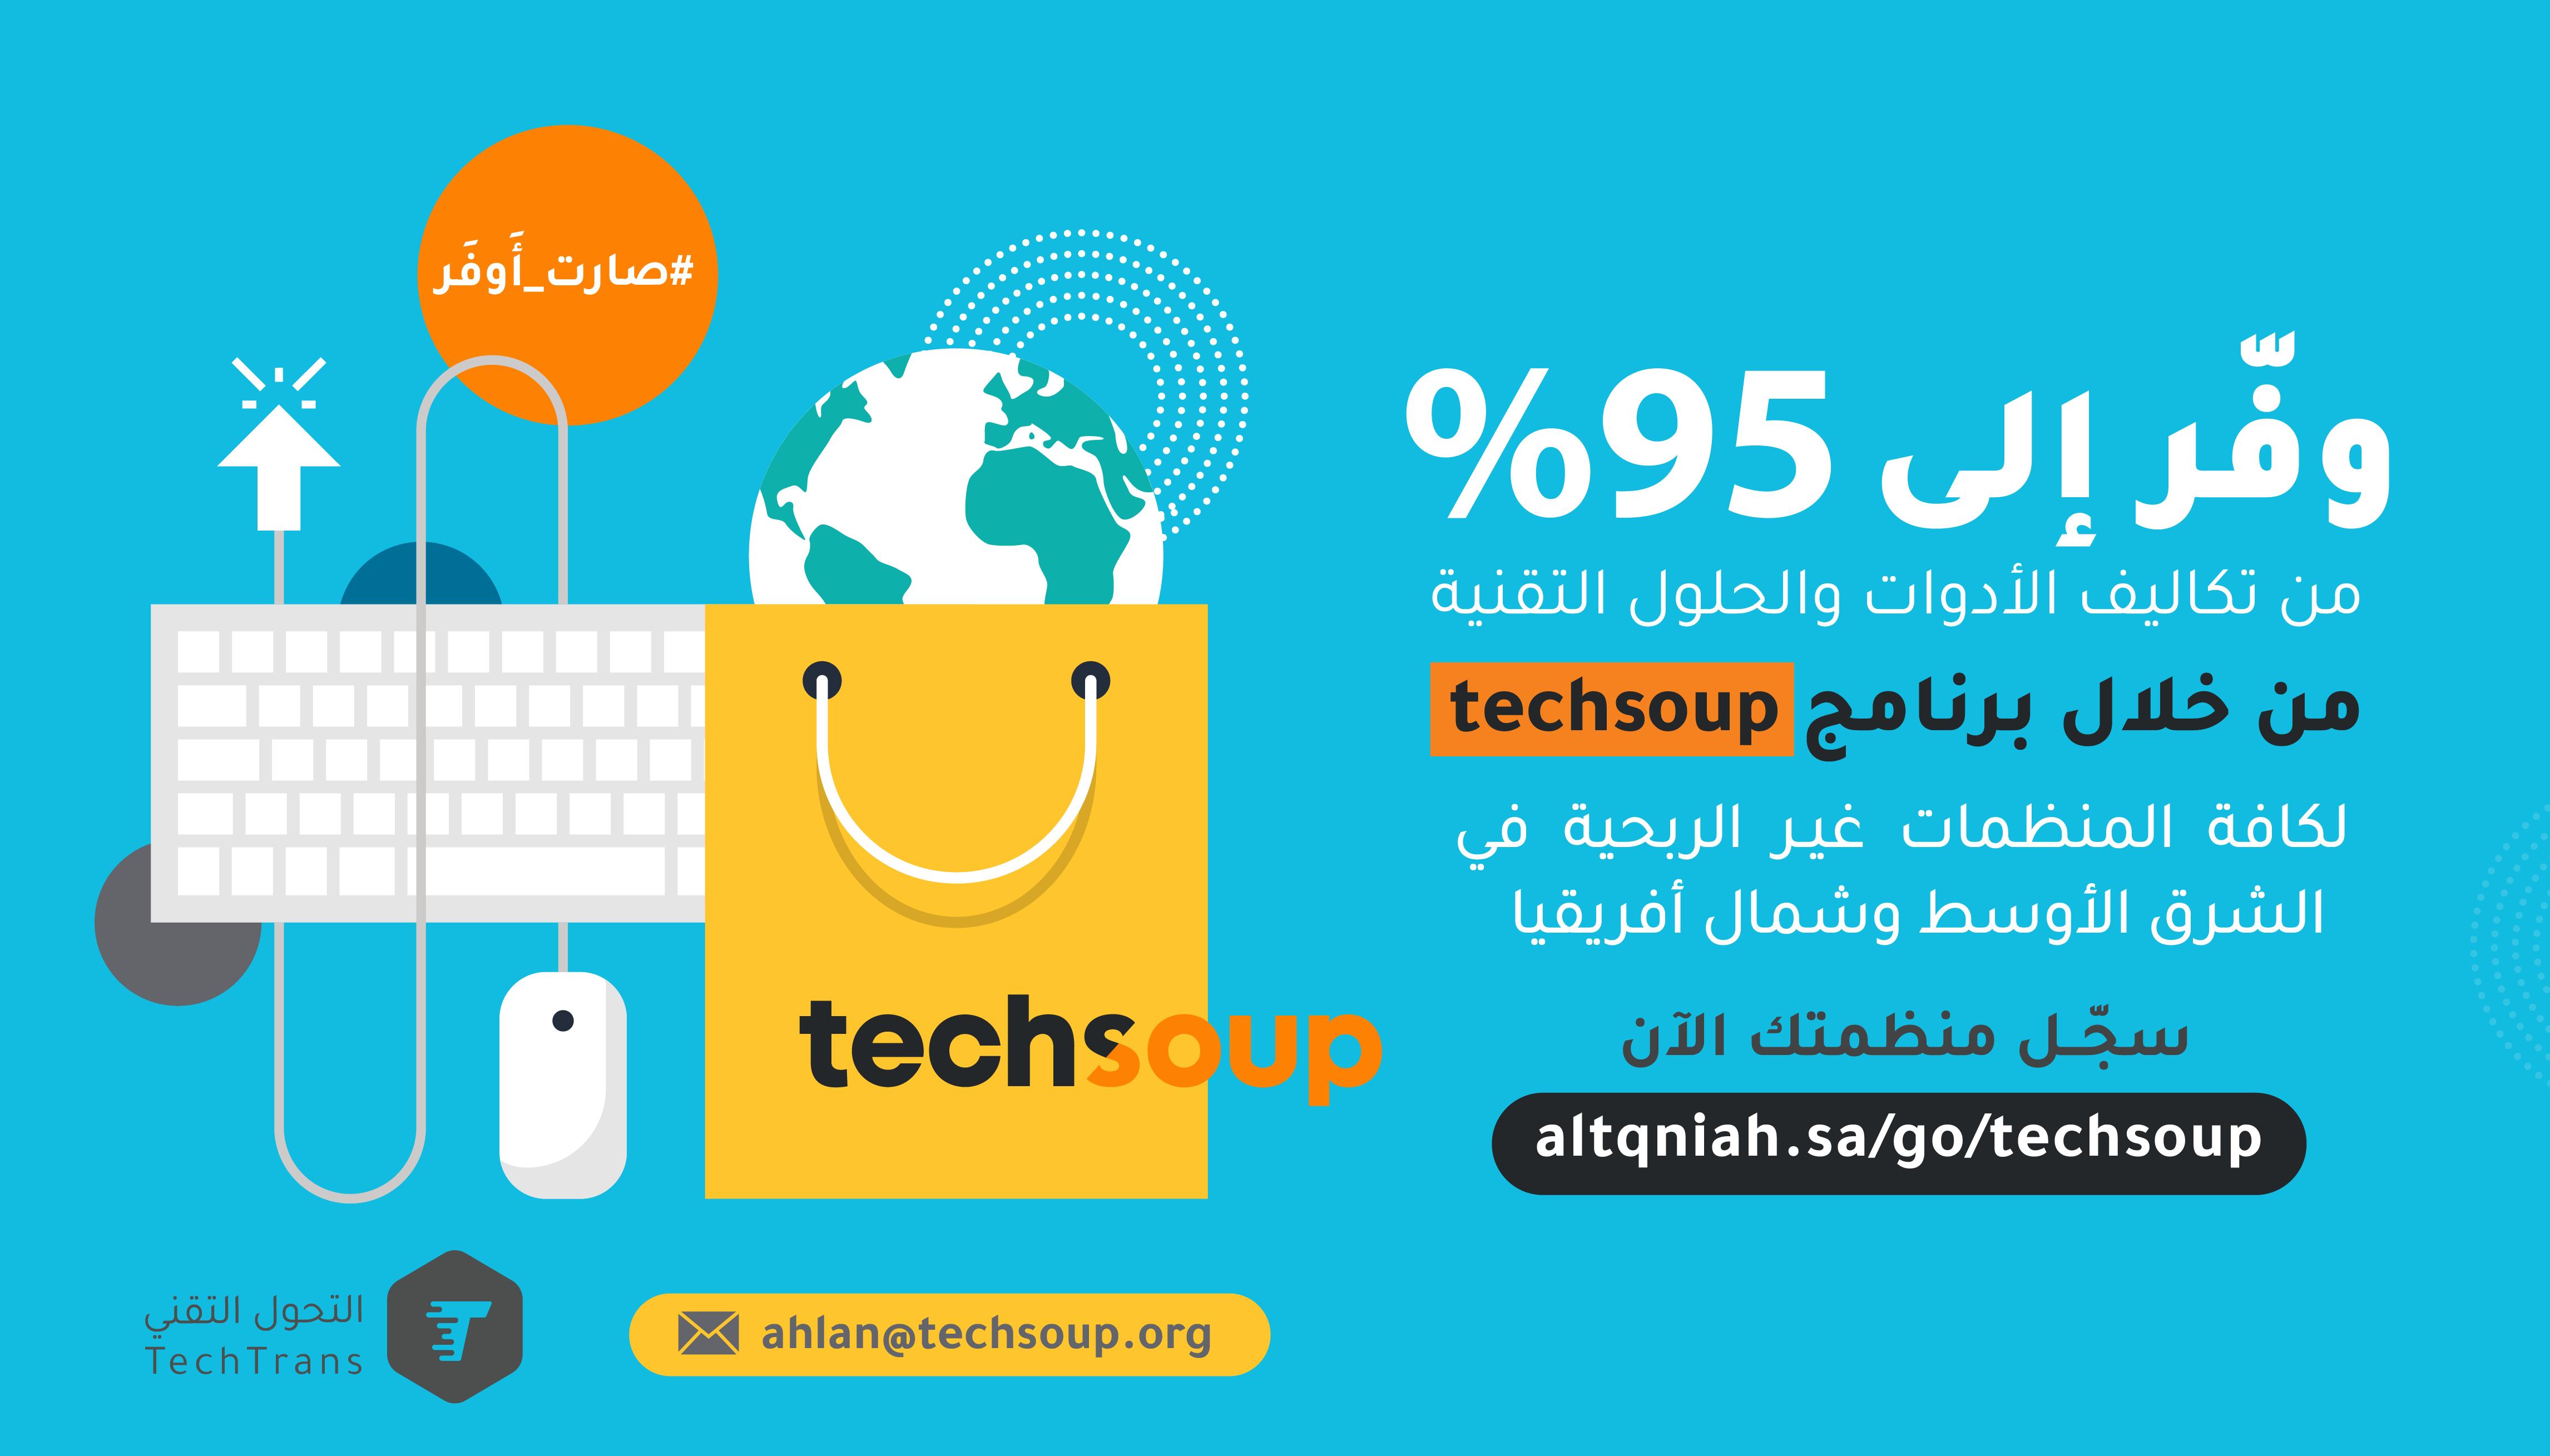 الأدوات والحلول التقنية صارت أوفر مع برنامج techsoup